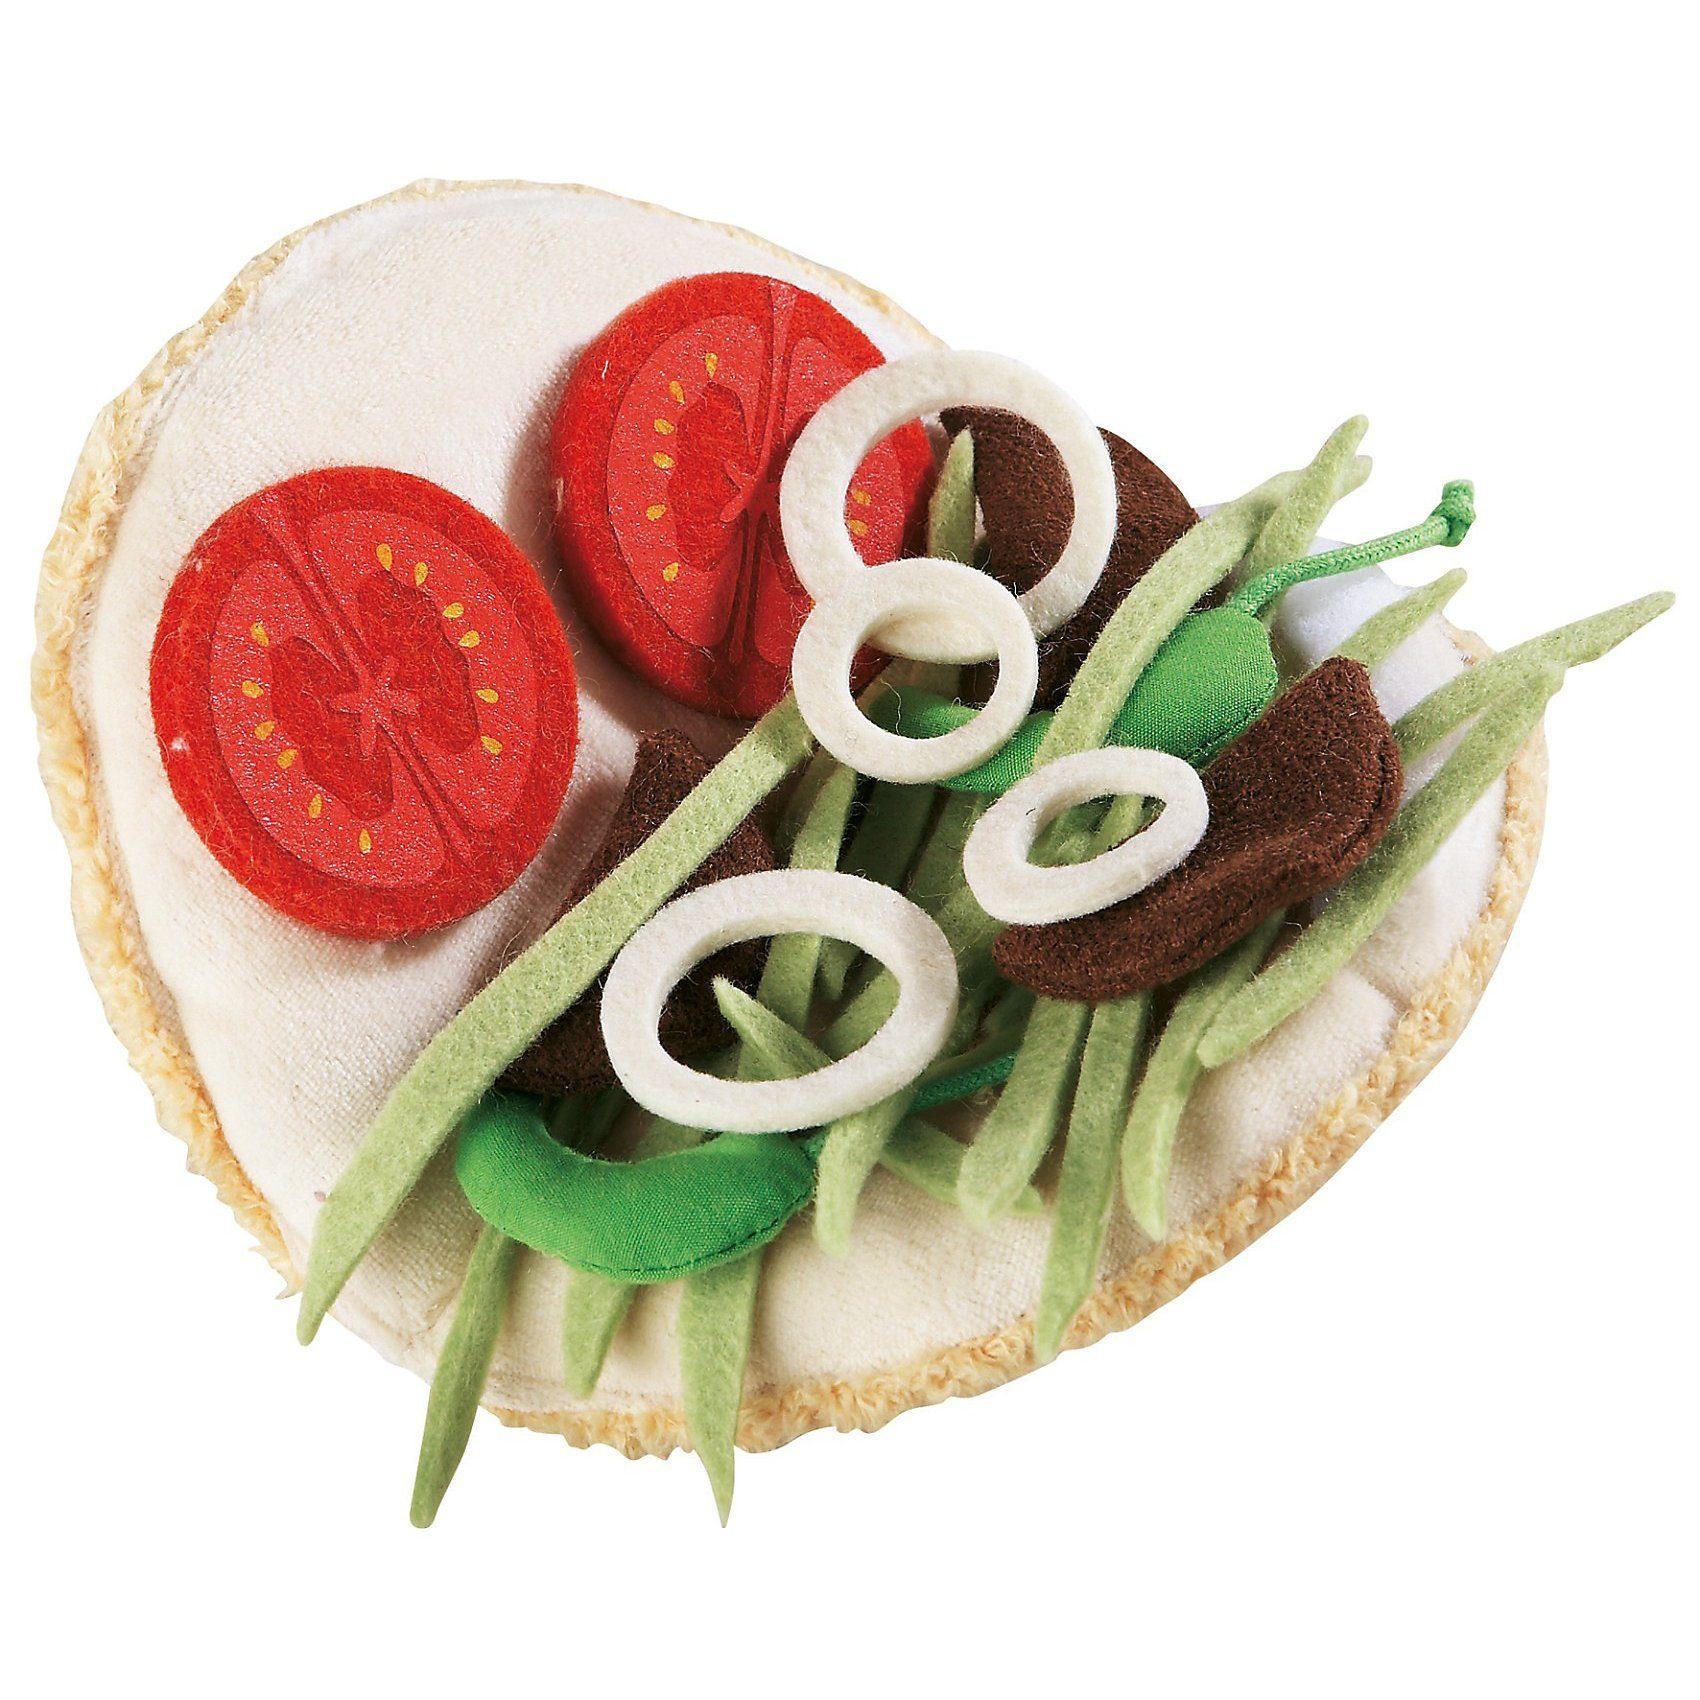 Haba 3812 Döner Kebab, Stoff Spiellebensmittel